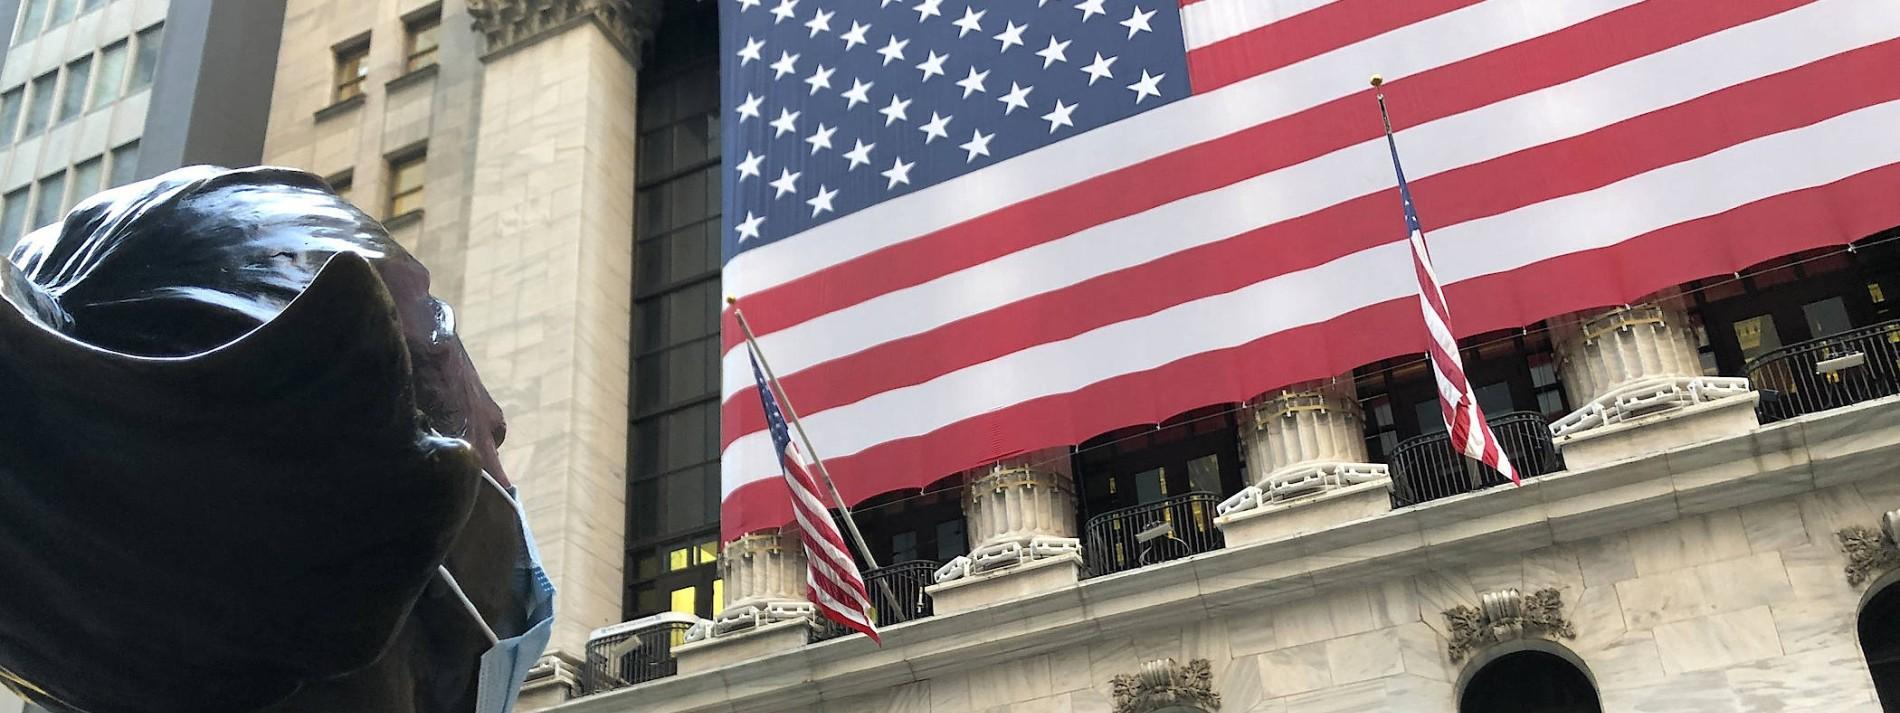 Wall Street hofft auf lockerere Maßnahmen